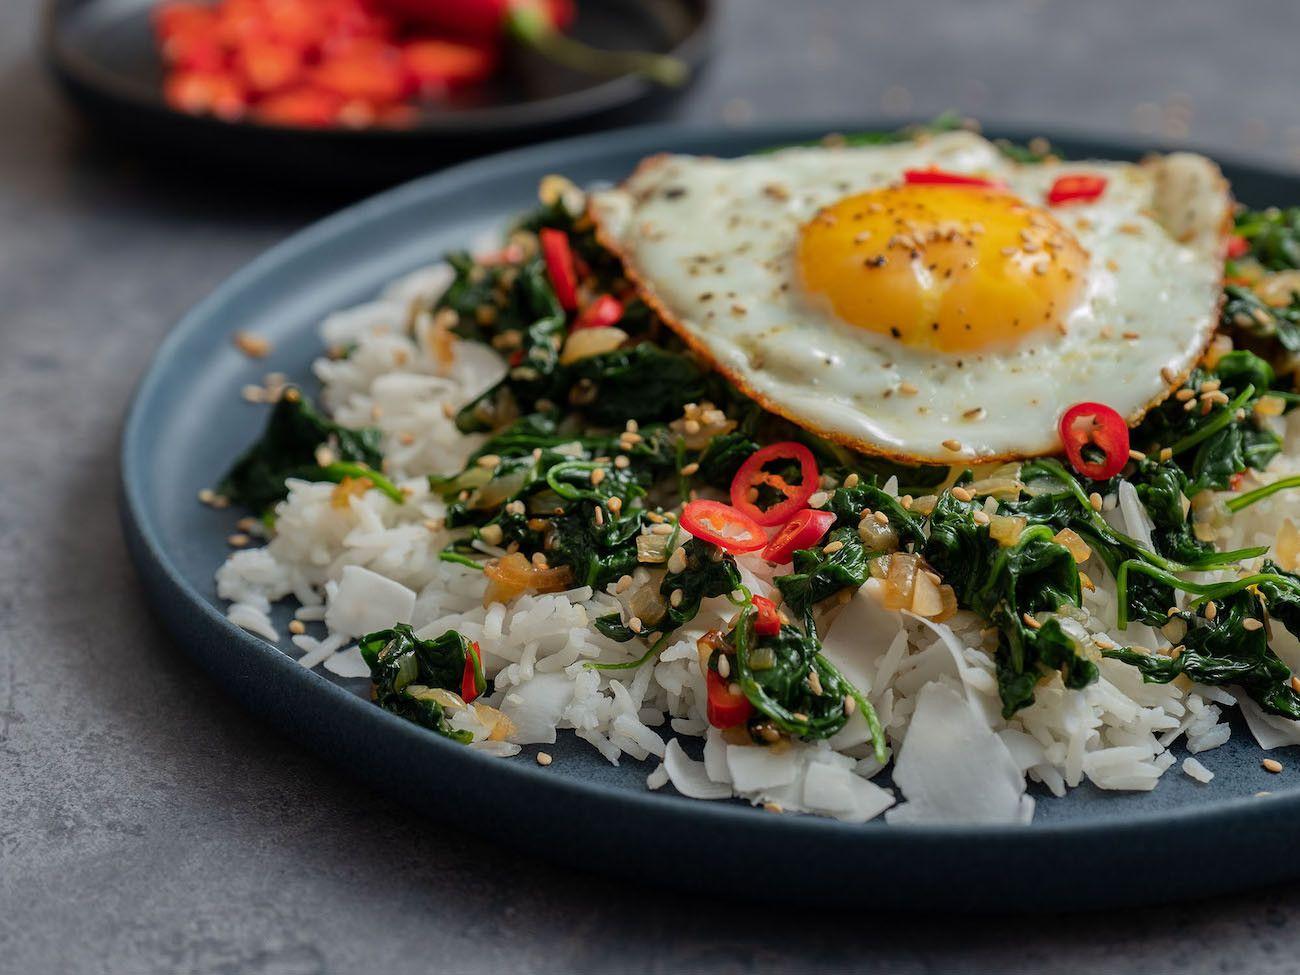 Foodblog About Fuel, Rezept Kokosreis mit Sesam-Spinat und Spigelei, Kokosflocken, Chili